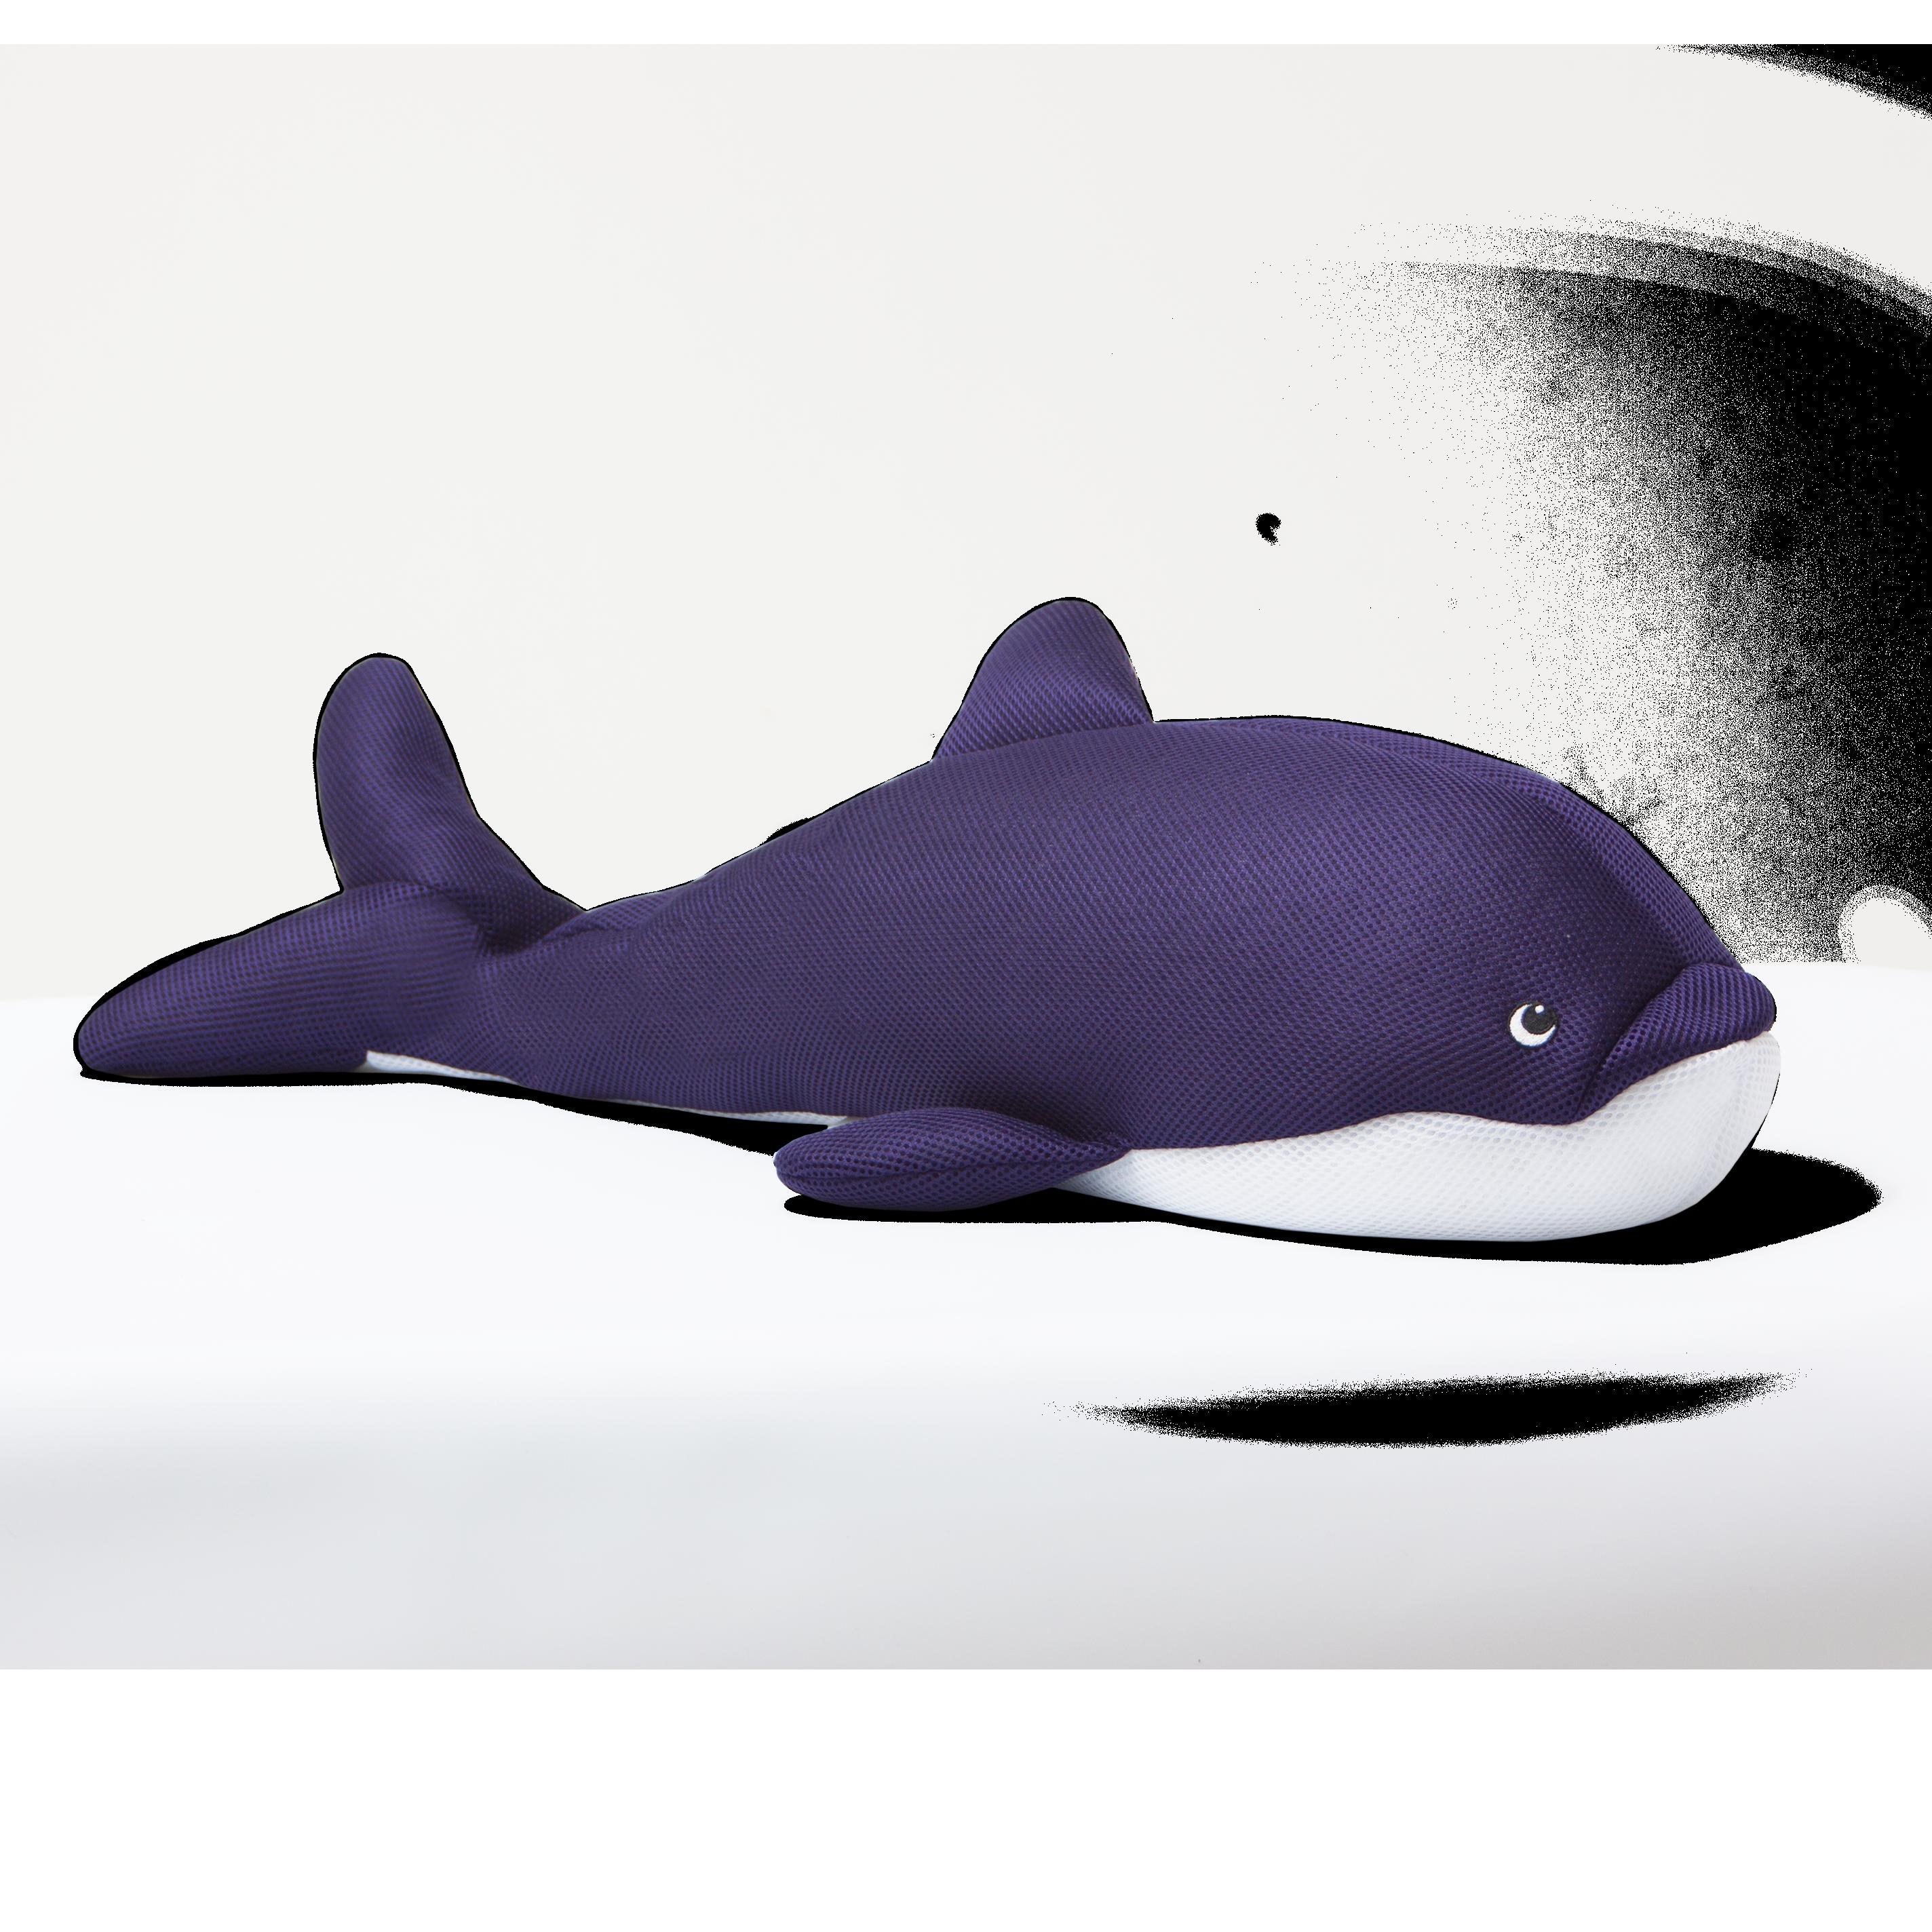 <center>Dolphin Pool Petz</center>